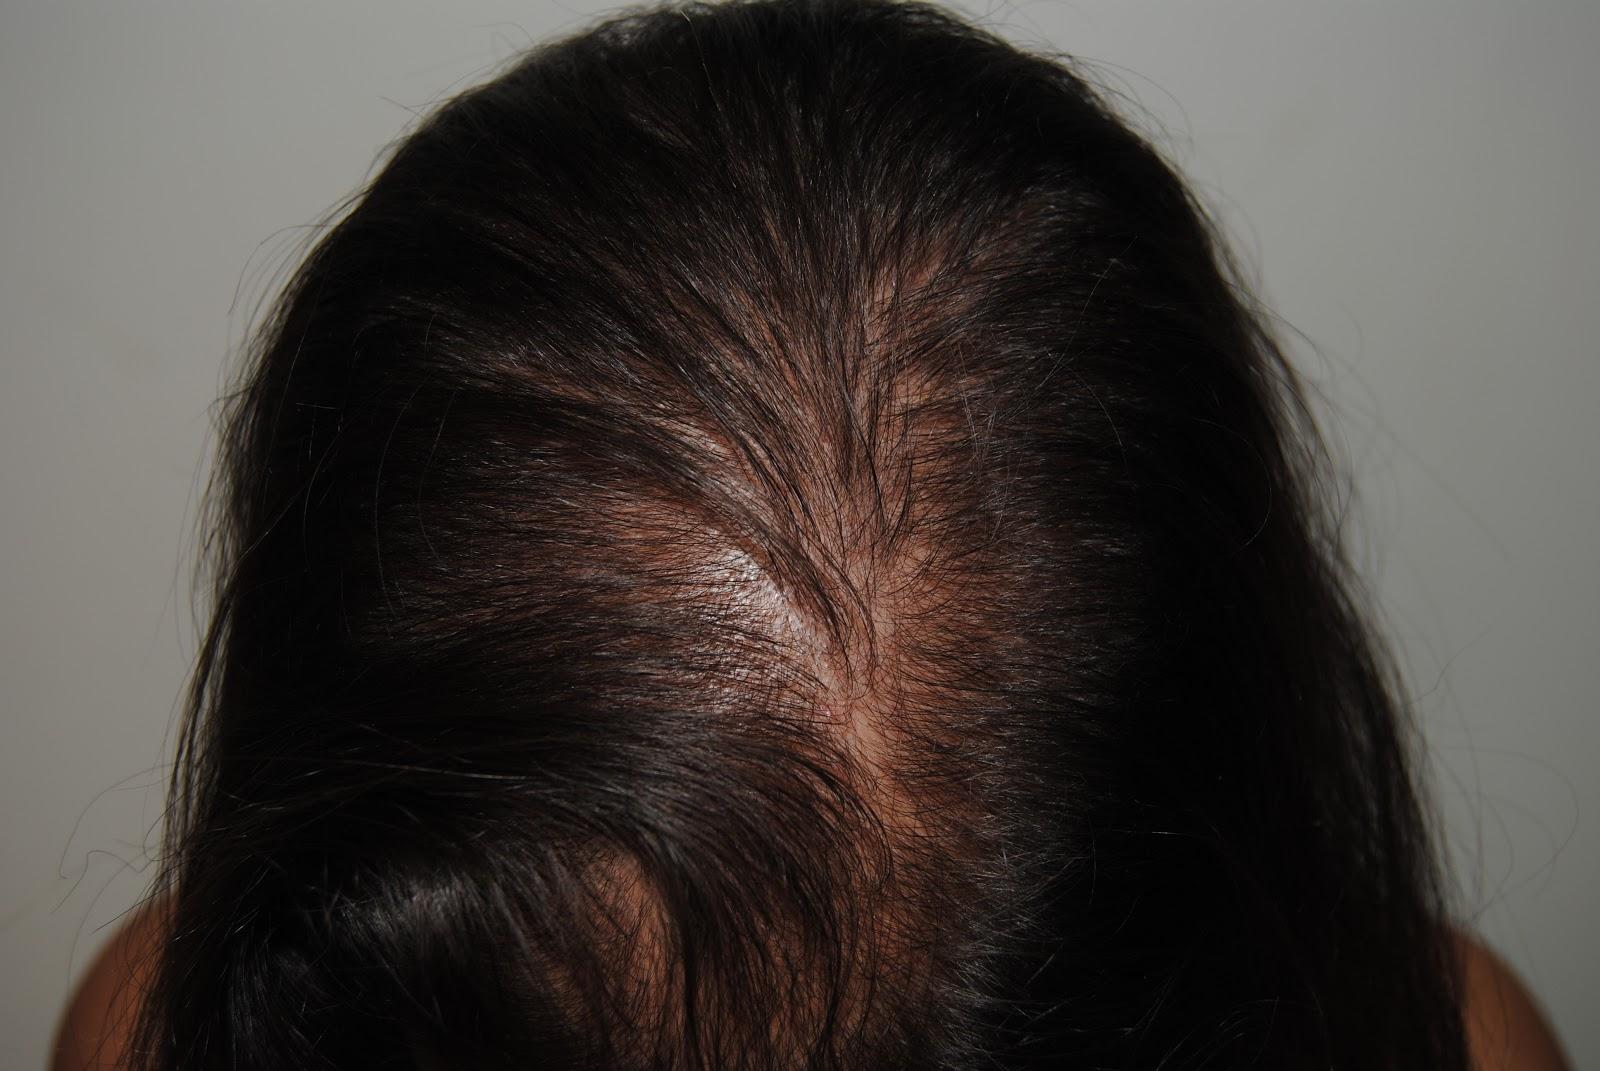 Los cabellos caen los medios para el refuerzo